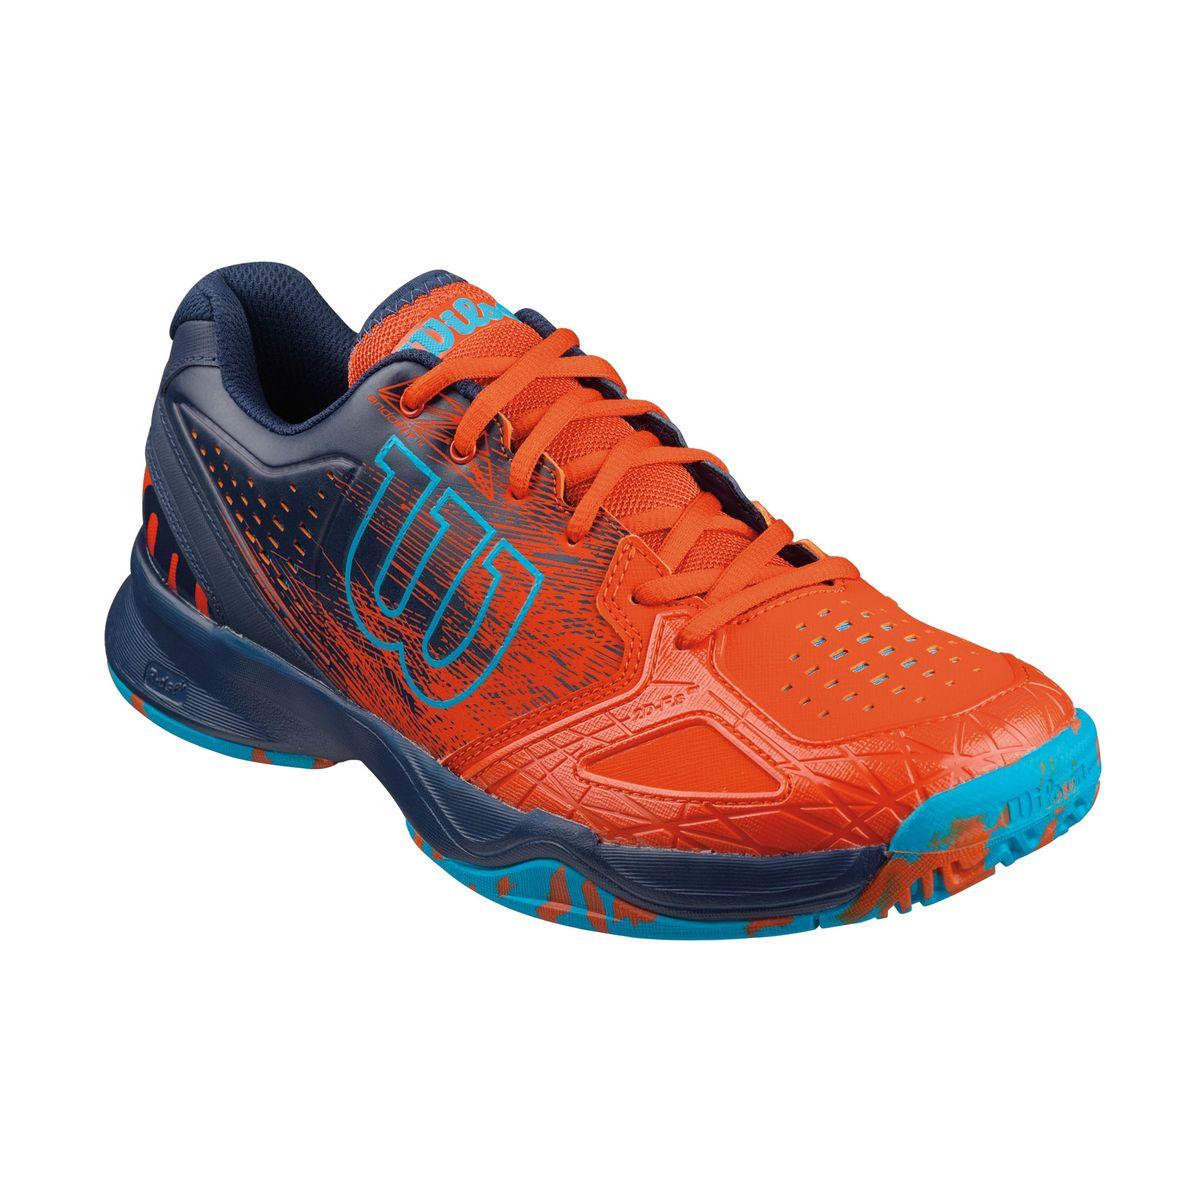 Кроссовки для тенниса муж. KAOS COMP. WRS320570WRS320570Продукт года. Серия KAOS - это стильный дизайн. Легкий вес. Обеспечение комфорта на самых быстрых скоростях в современном теннисе.